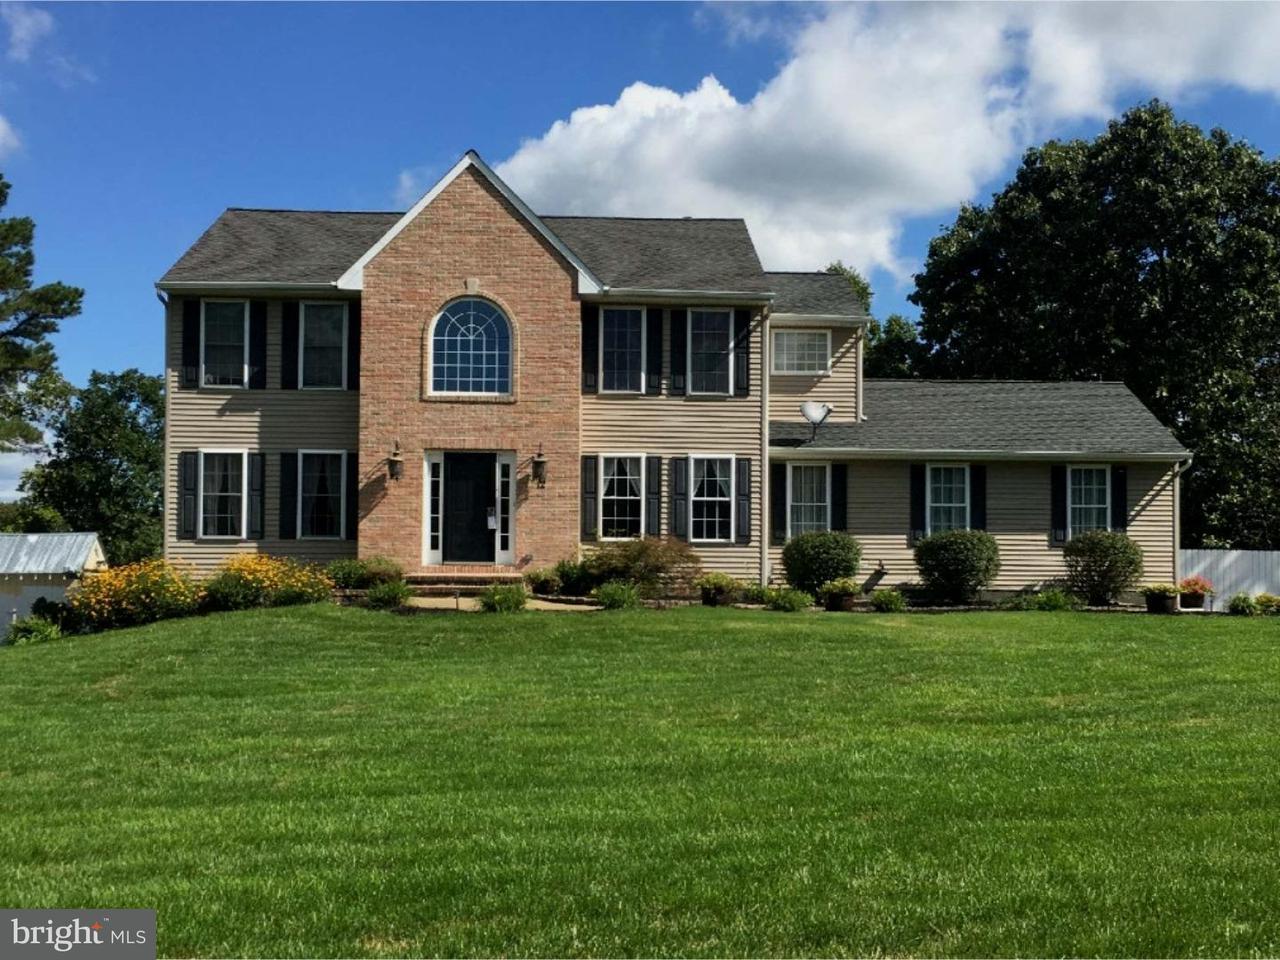 Maison unifamiliale pour l Vente à 12 LOCUST HILL Court Alloway, New Jersey 08302 États-Unis